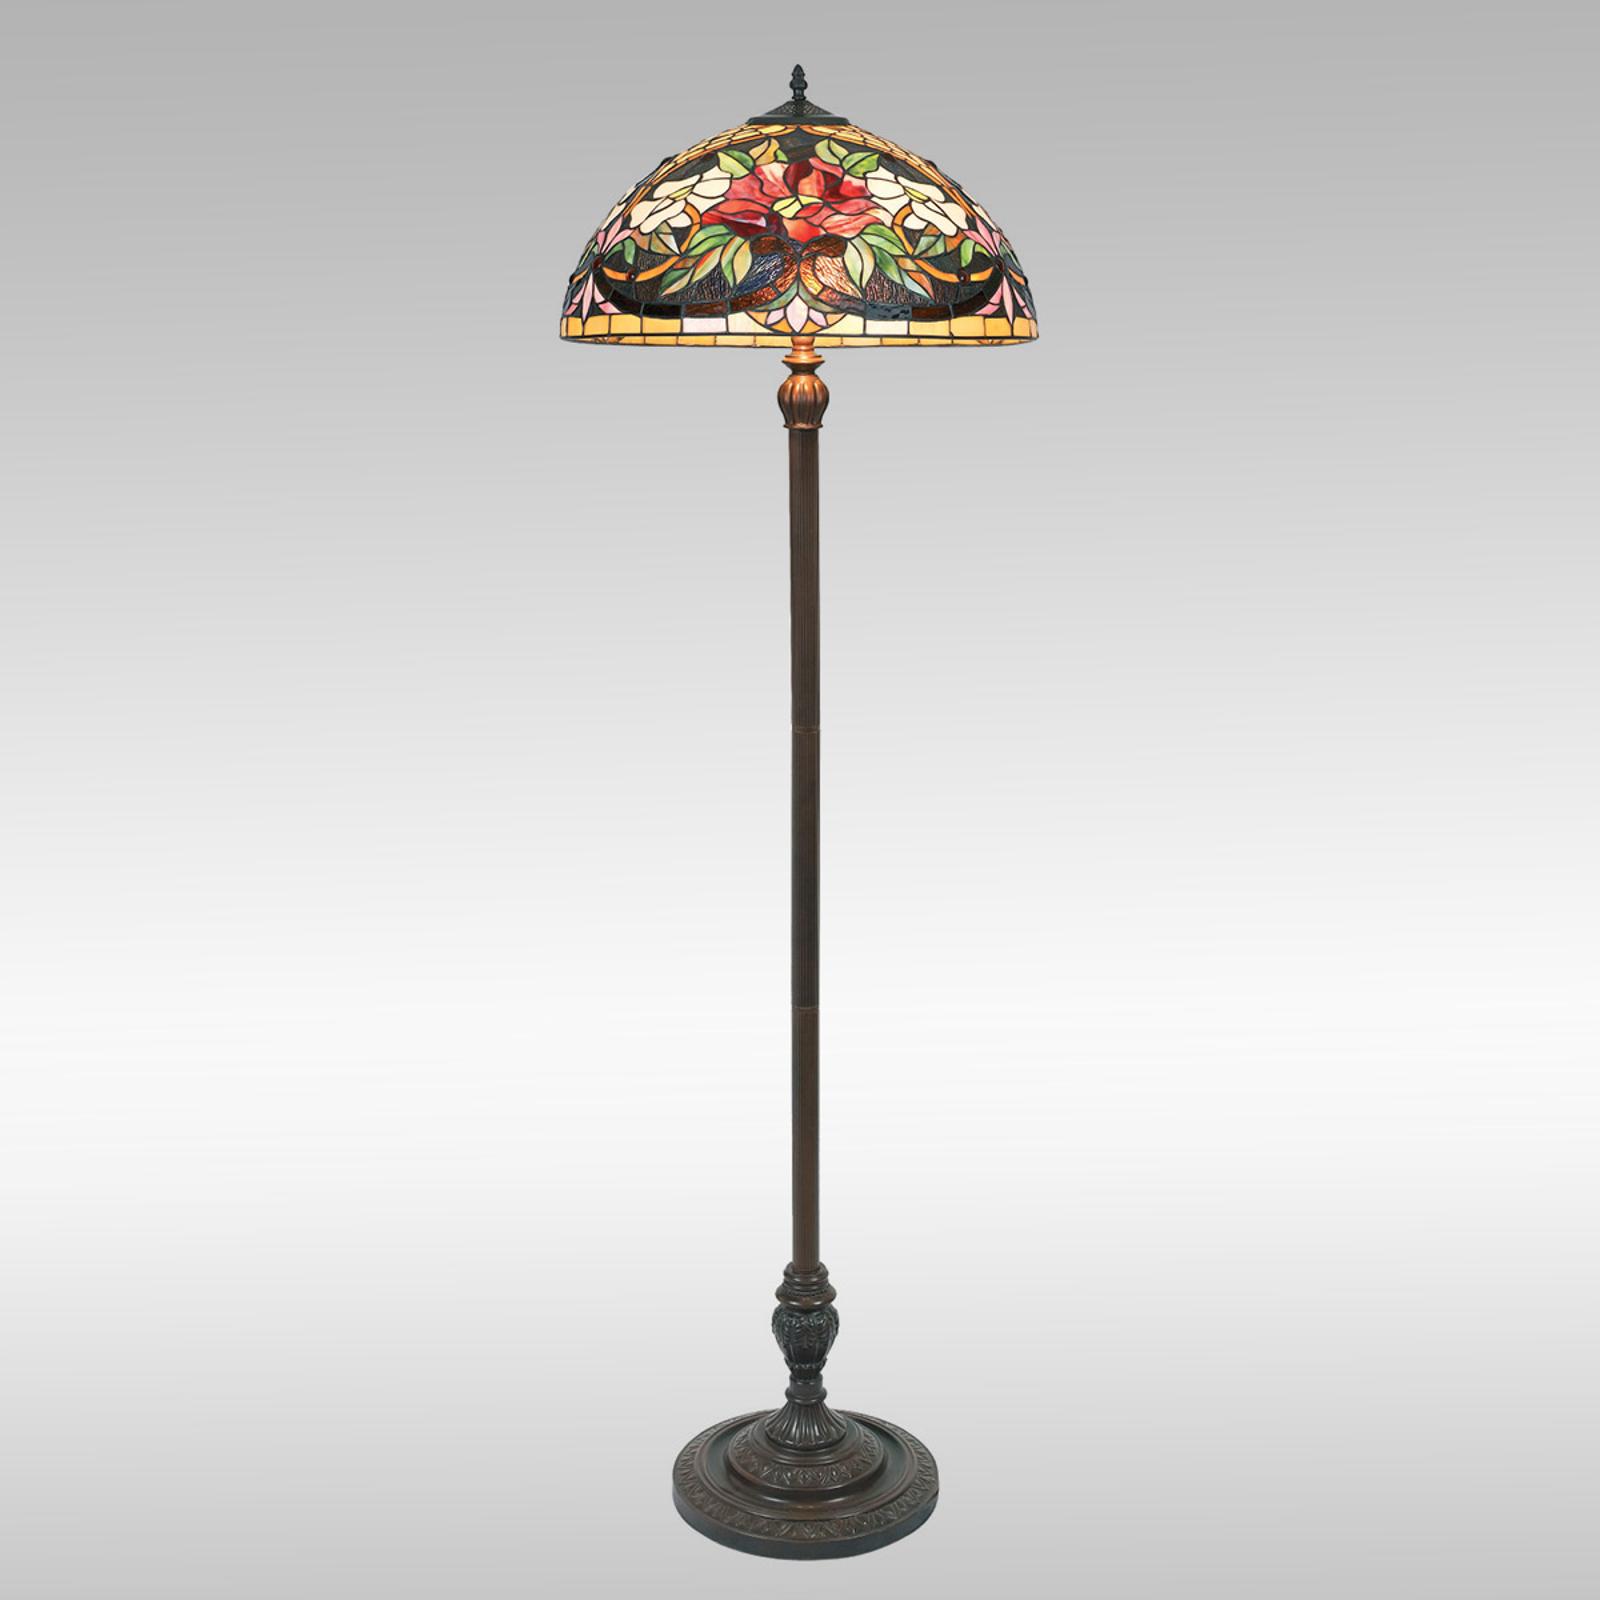 Fargeglad ARIADNE gulvlampe i Tiffany-stil